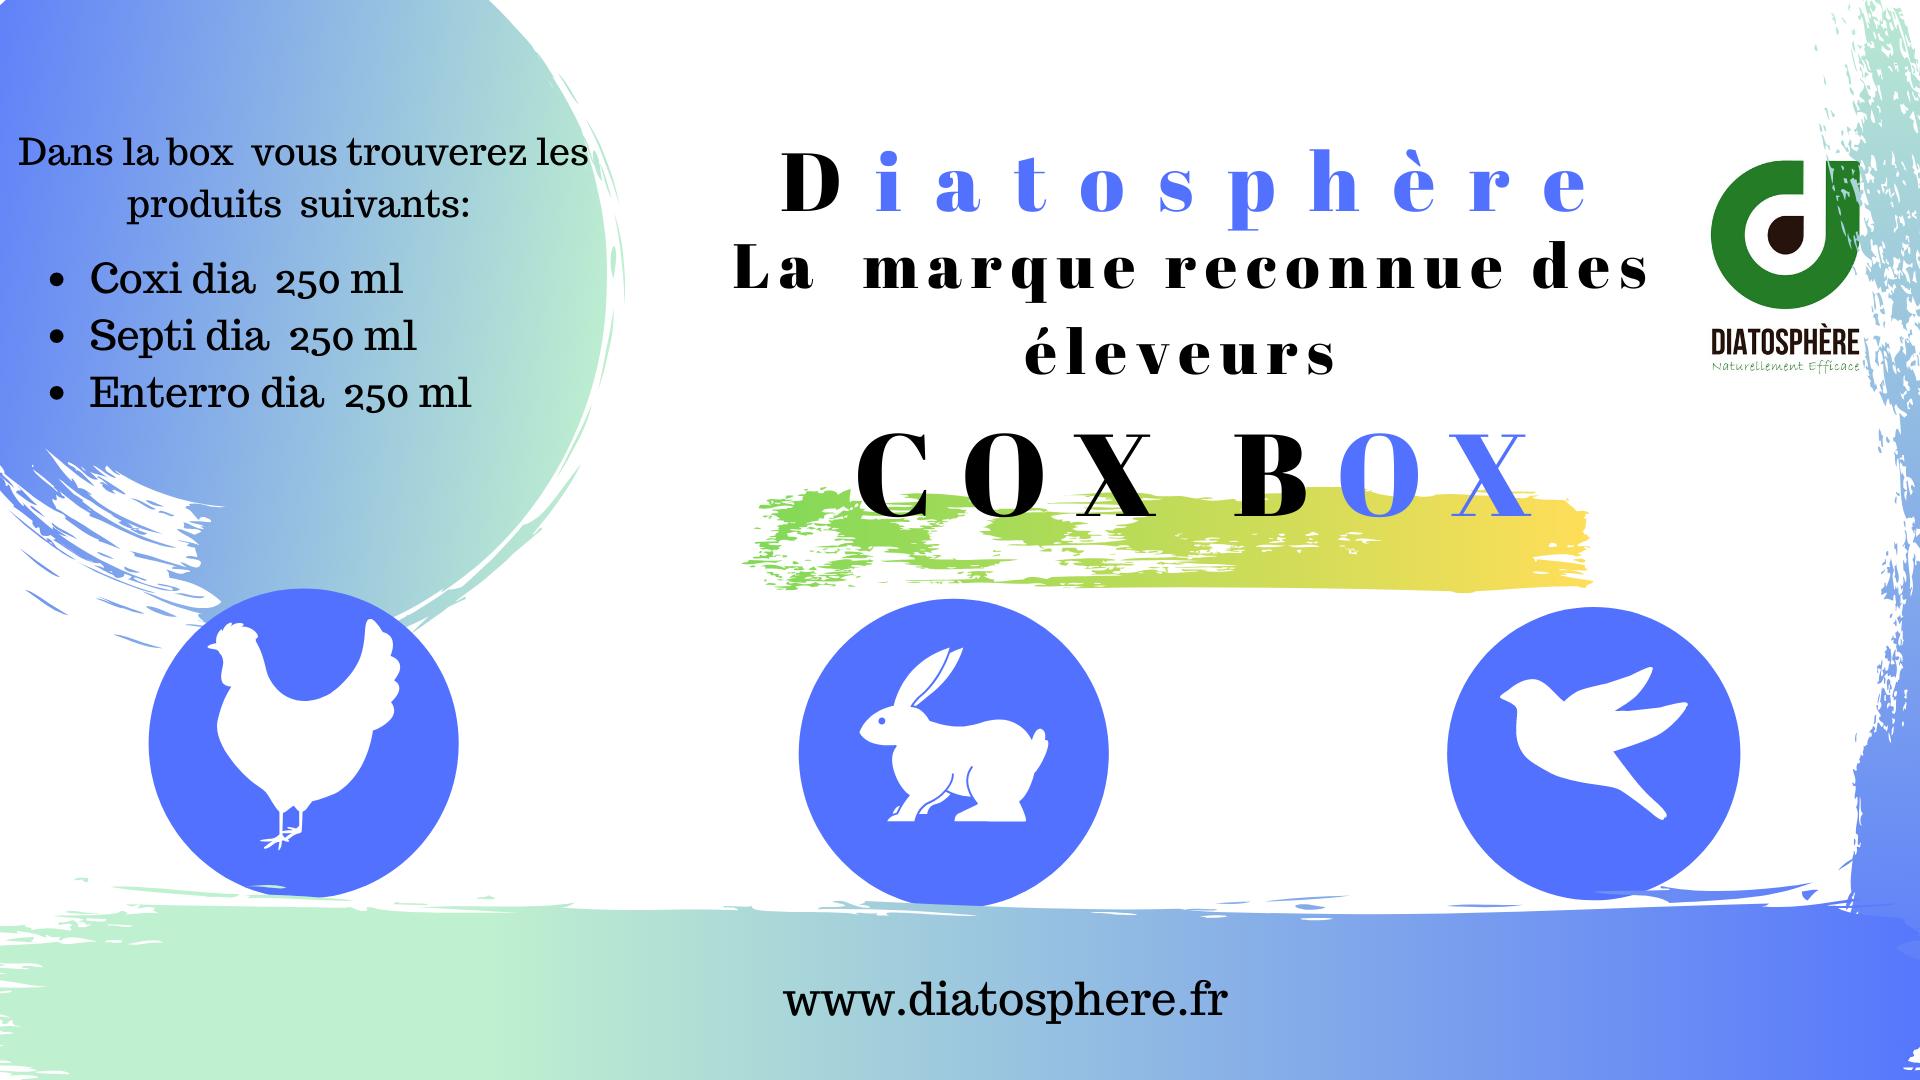 Cox Box